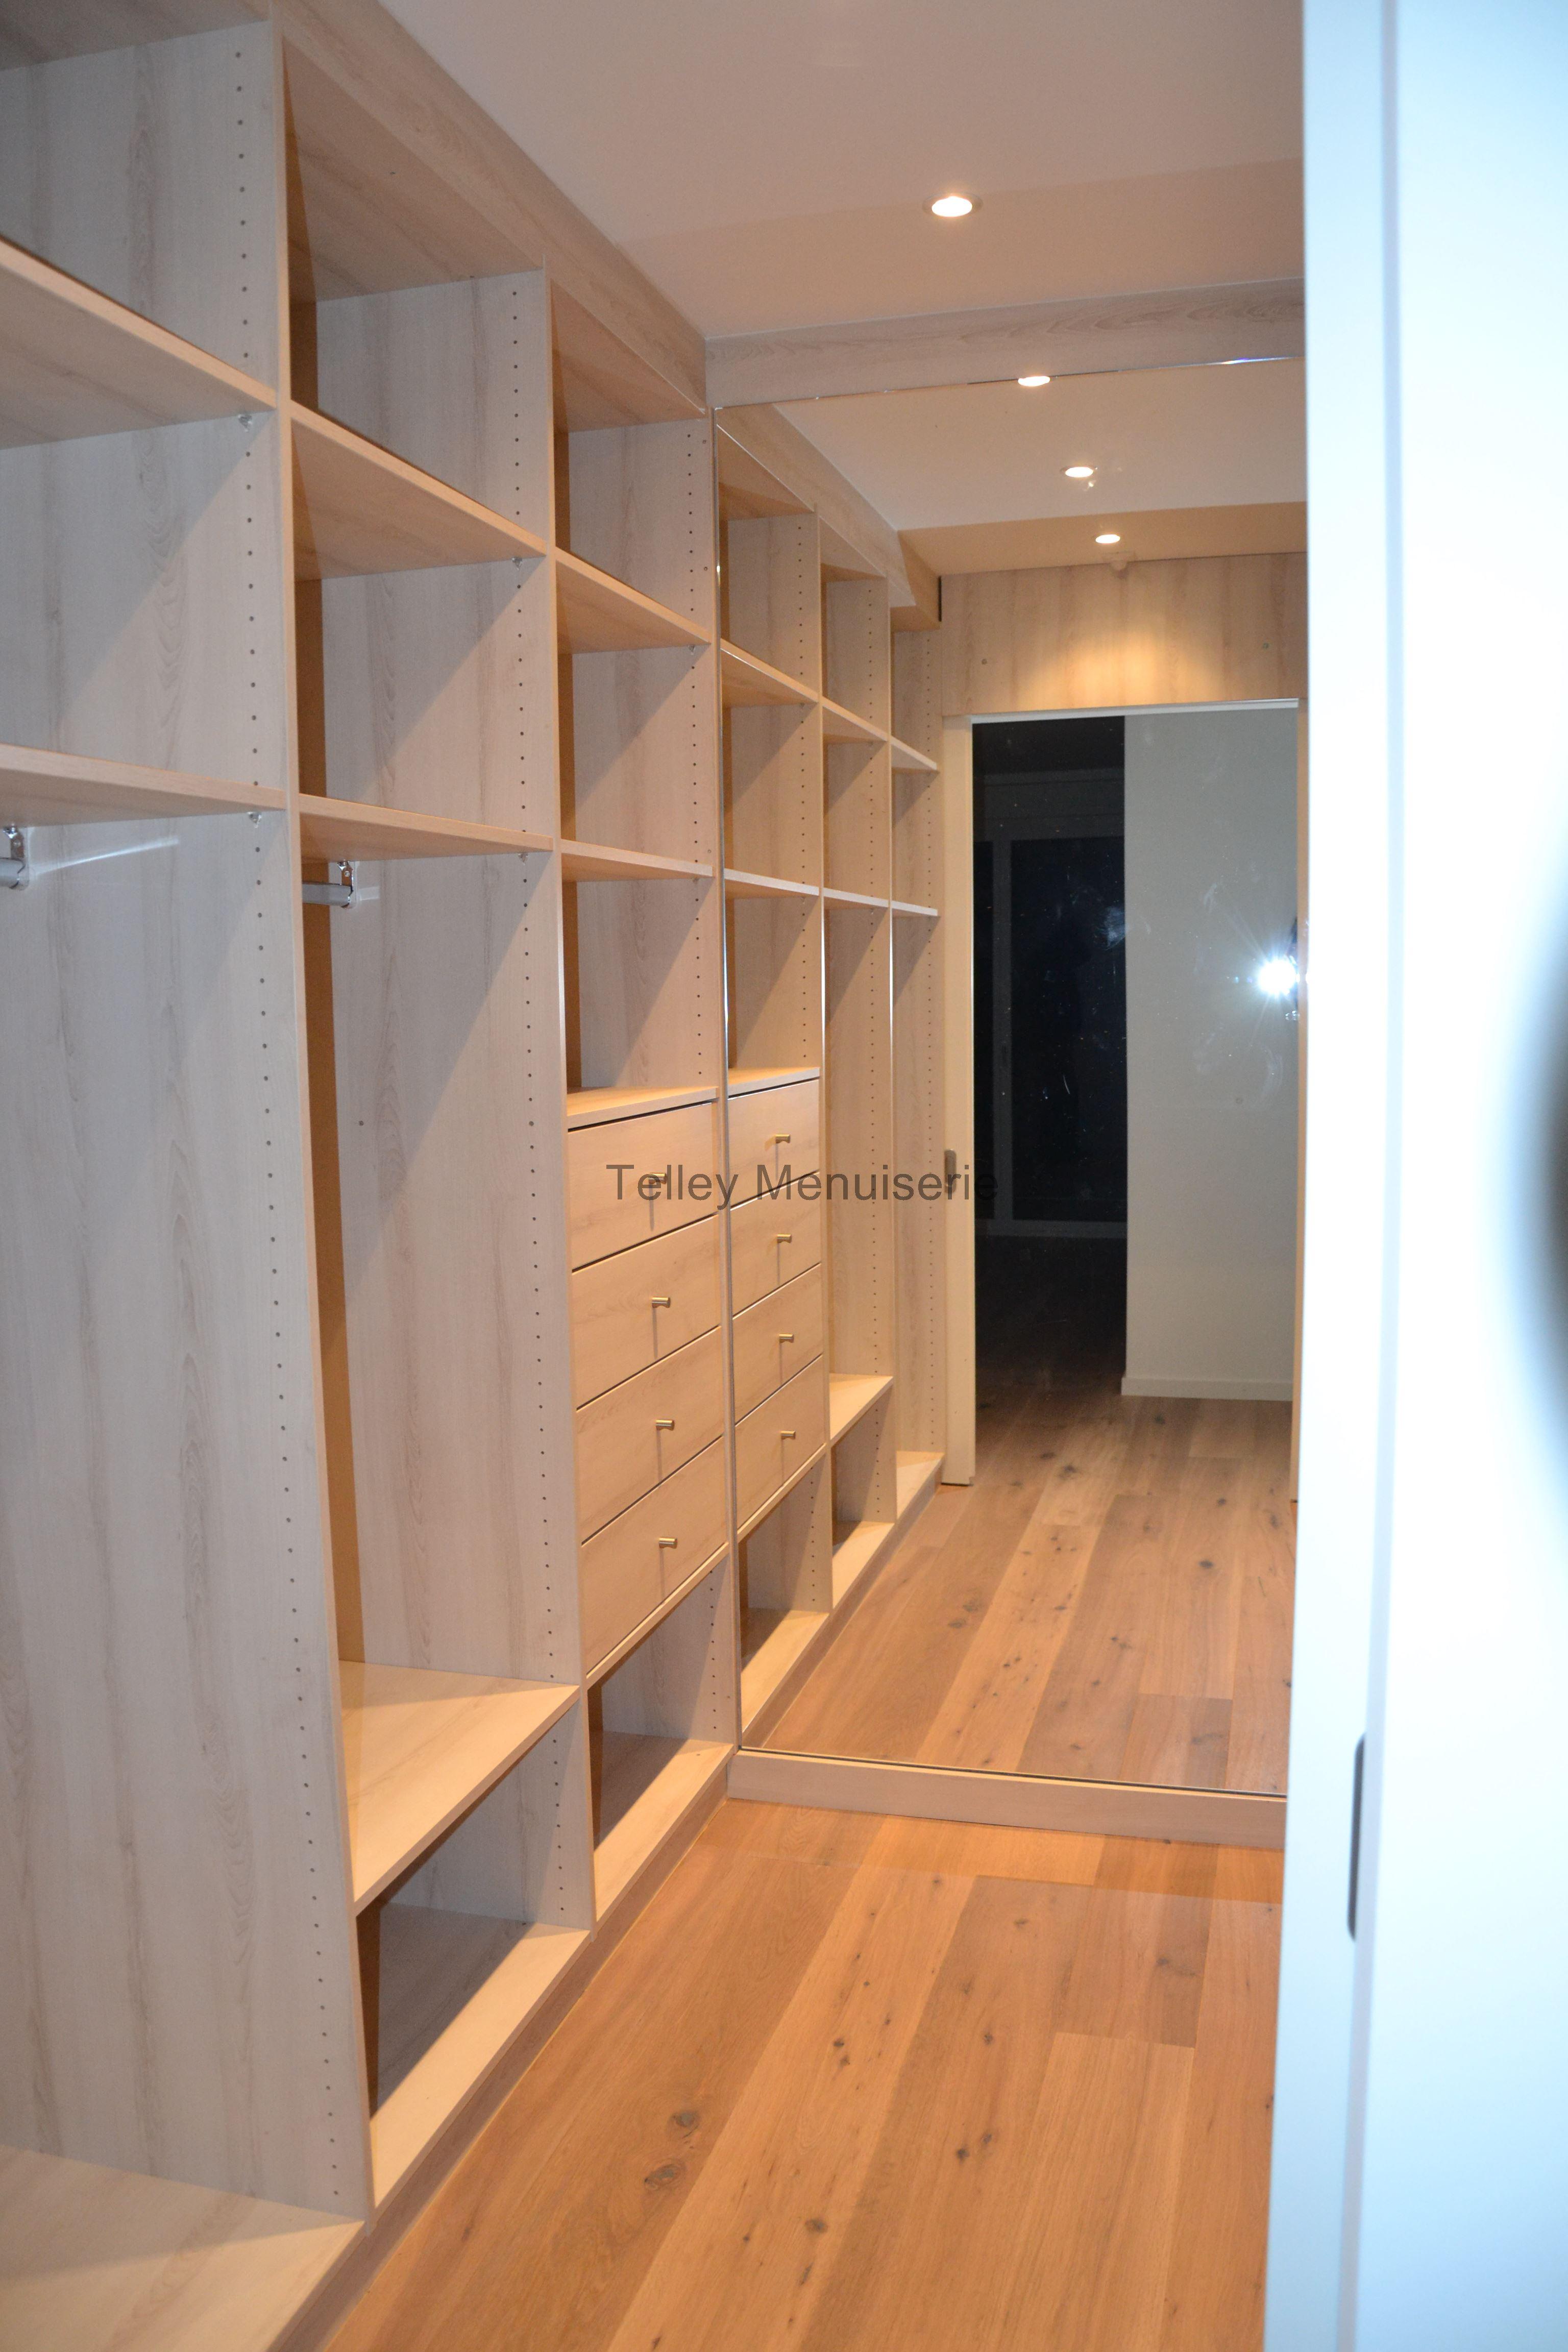 dressings penderie menuiserie telley. Black Bedroom Furniture Sets. Home Design Ideas